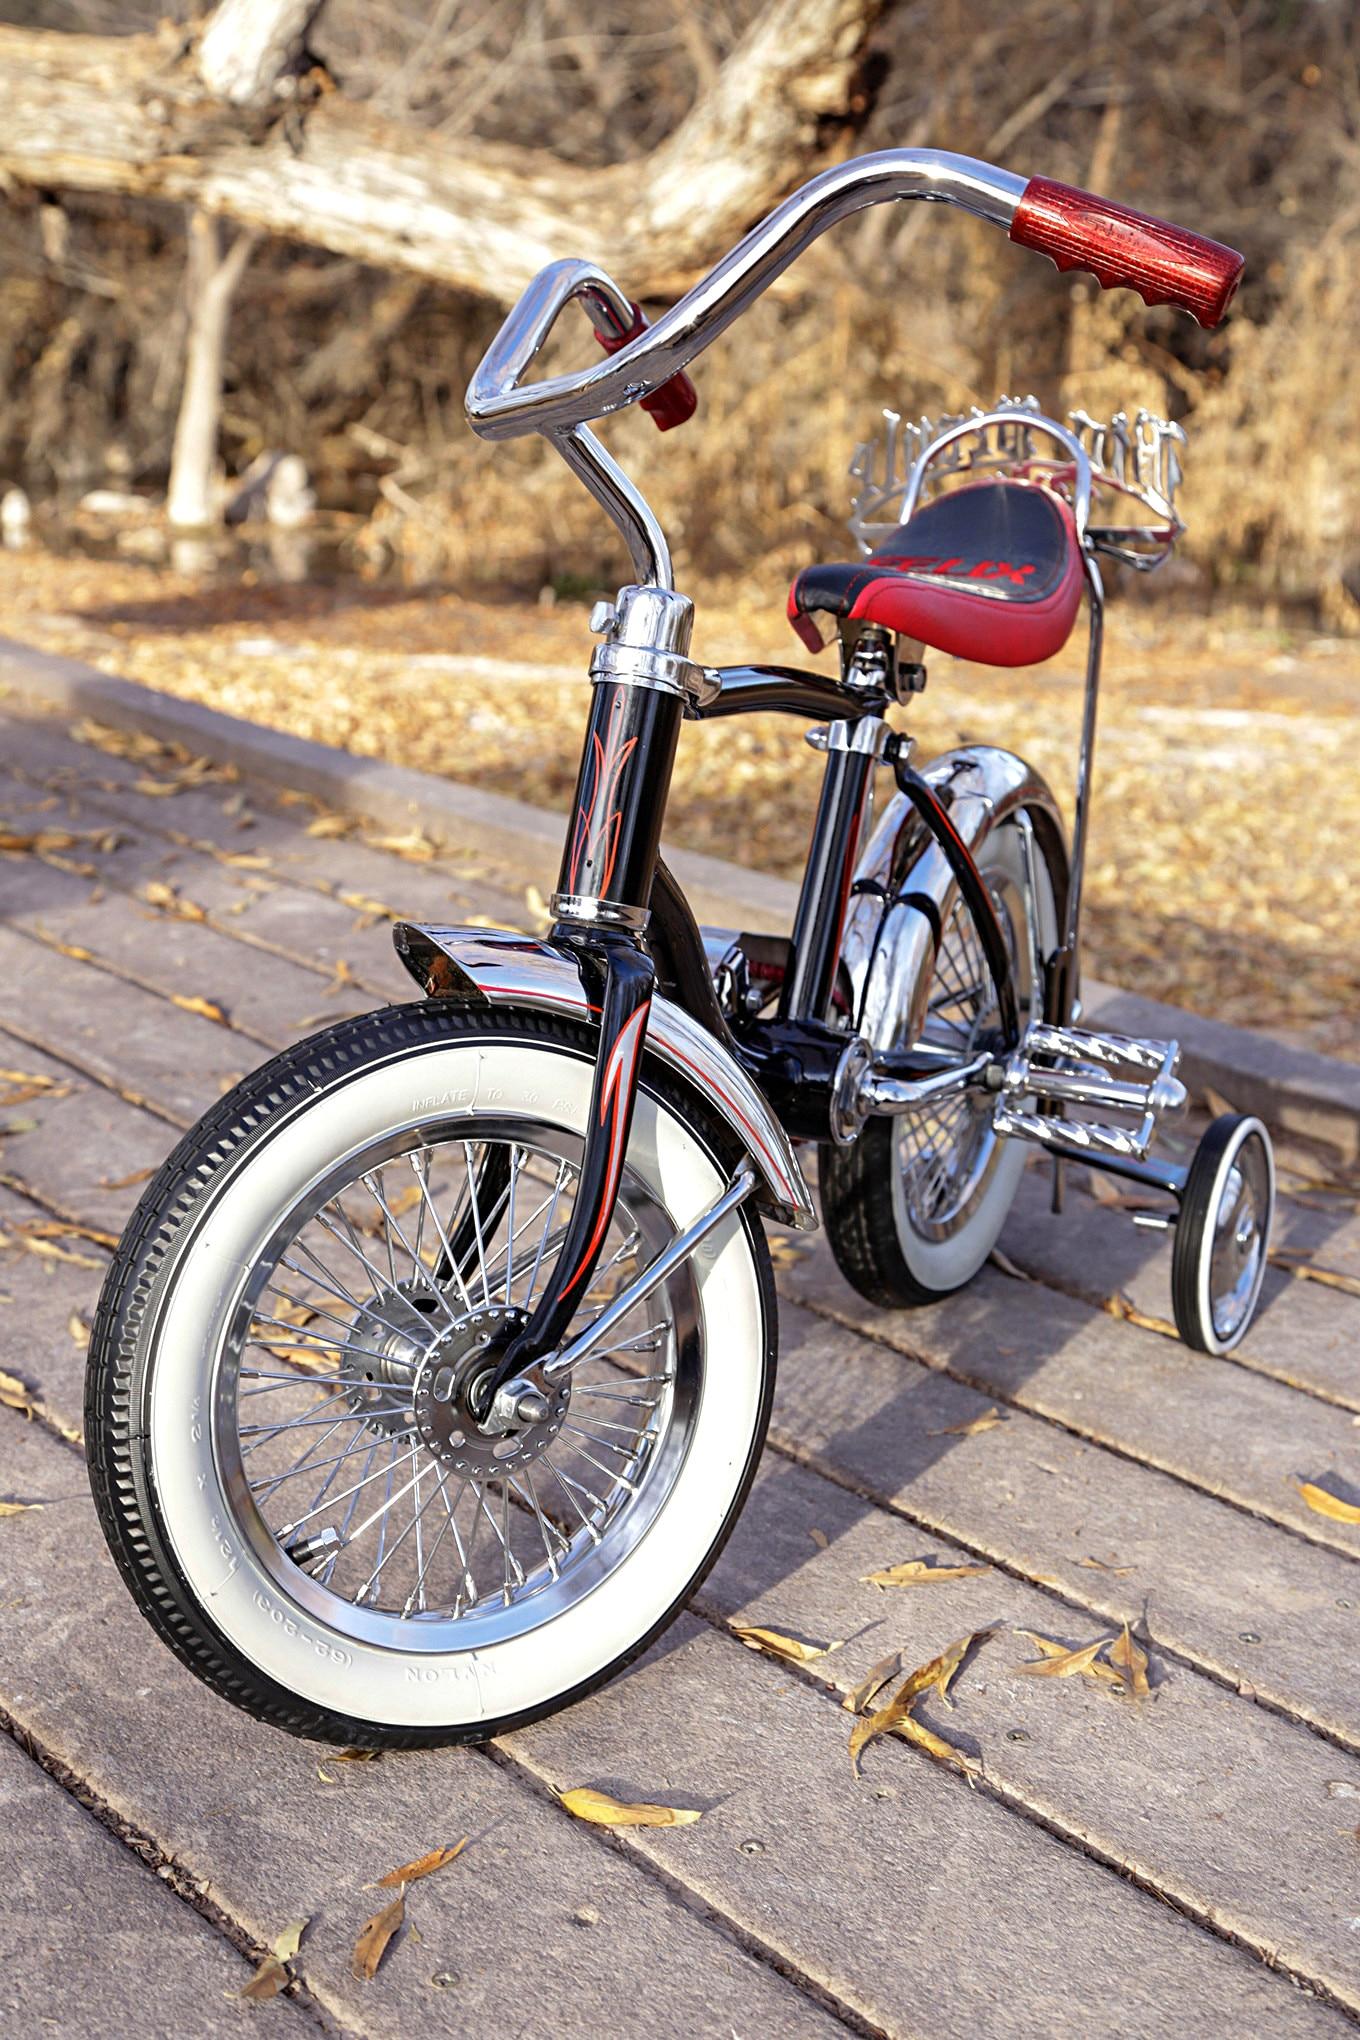 ebcd160ad45 schwinn lil tigers black bike whitewall tire - Lowrider